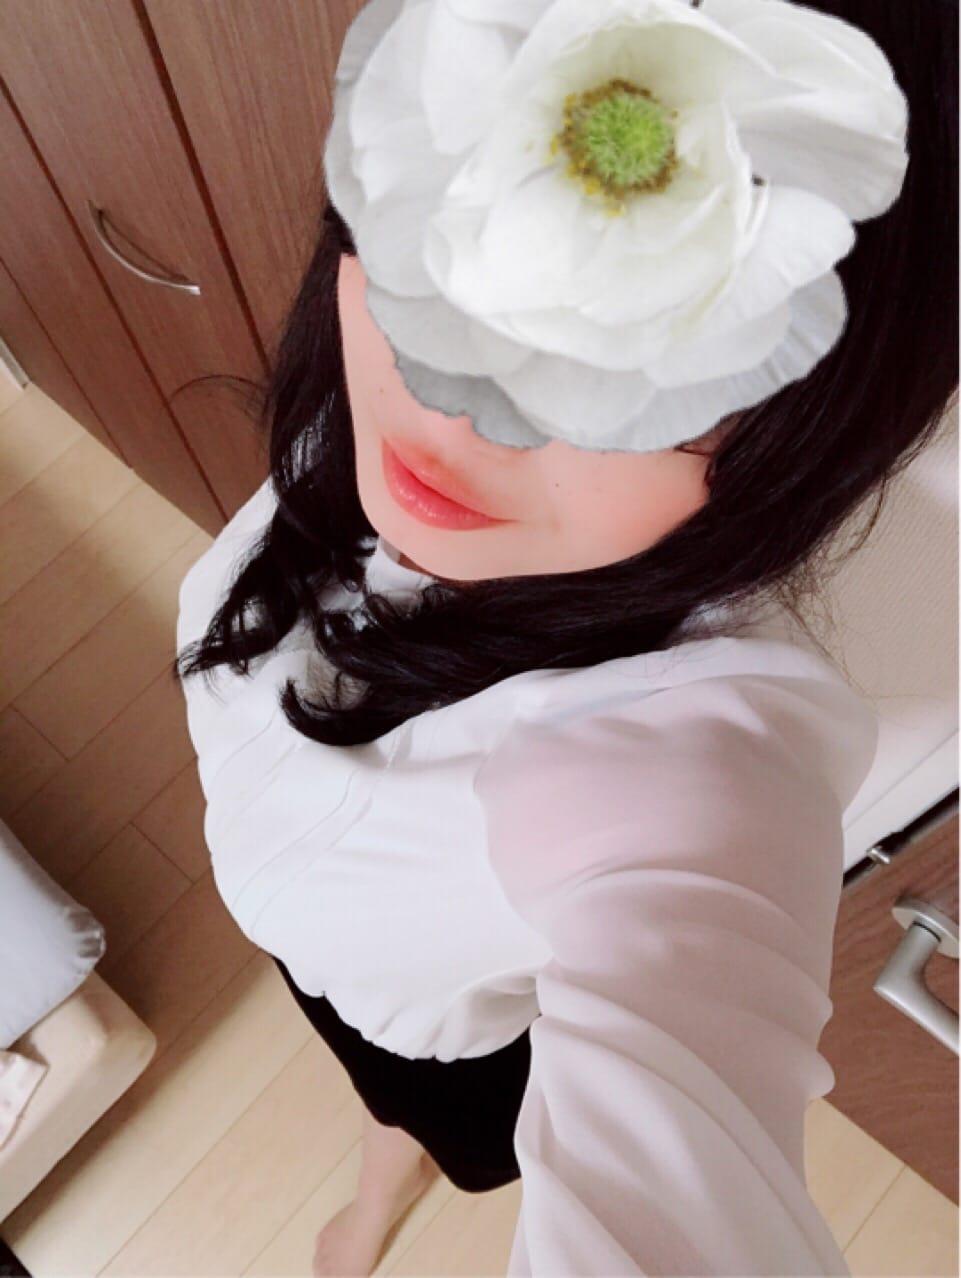 「もうすぐ出勤(o^^o)」04/18(04/18) 14:47 | ほのか奥様の写メ・風俗動画